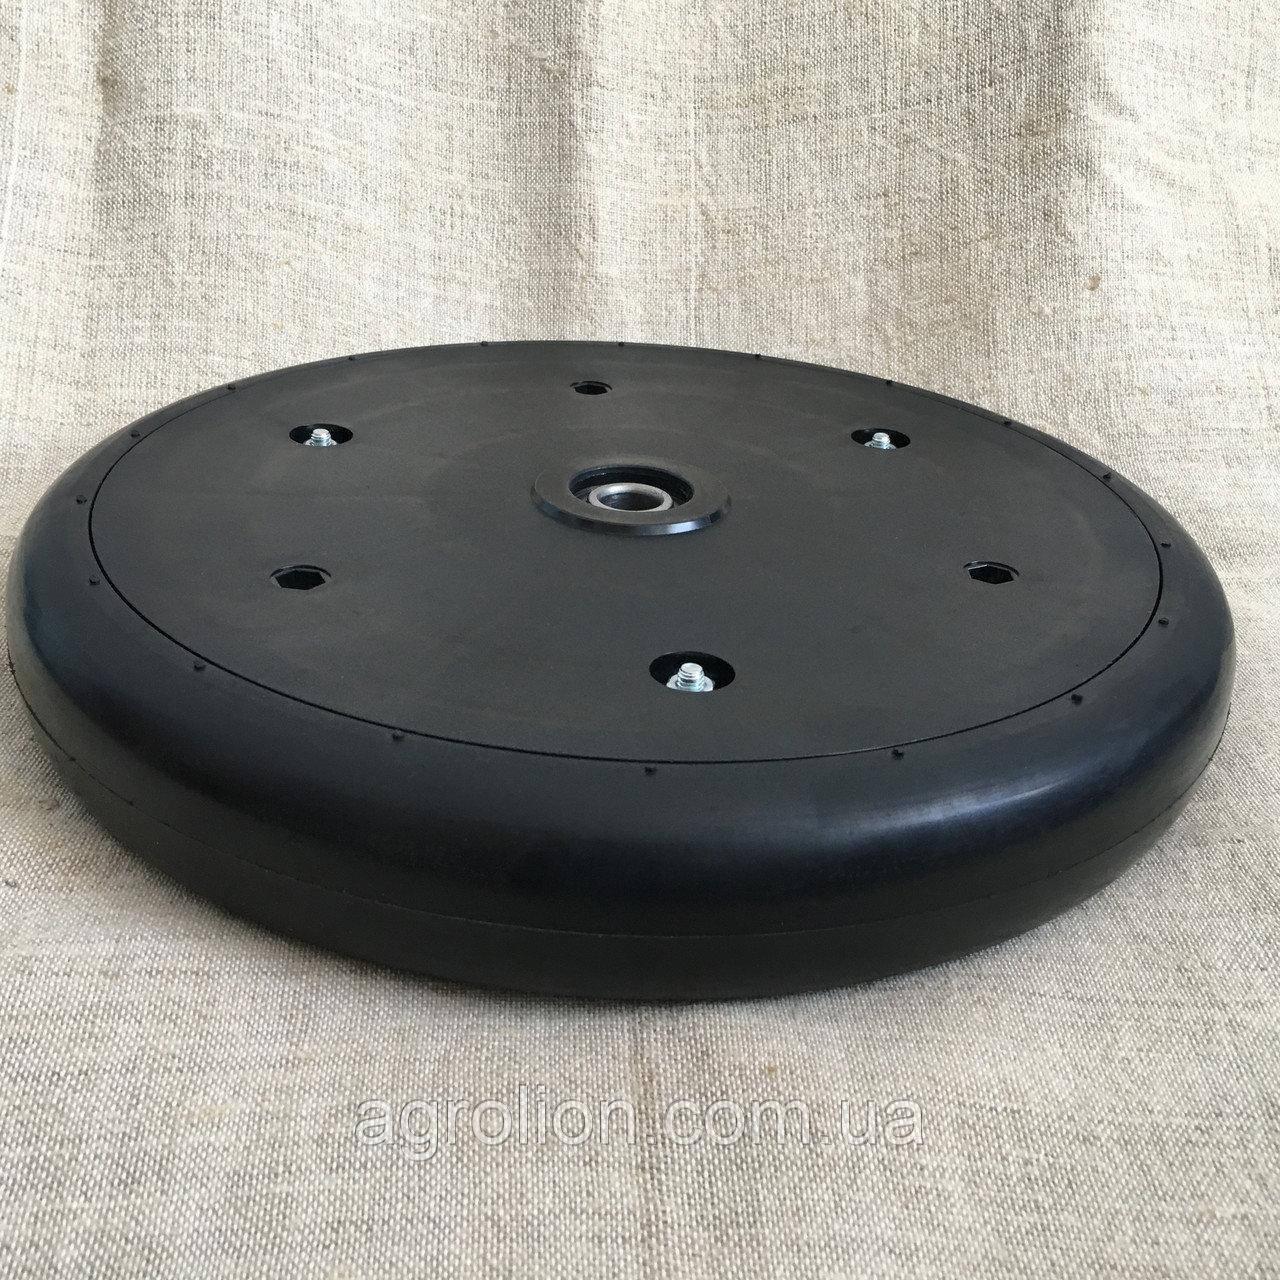 Прикотуюче колесо в зборі CO-051764 ( диск поліамід) 325x50 (2 x 13)